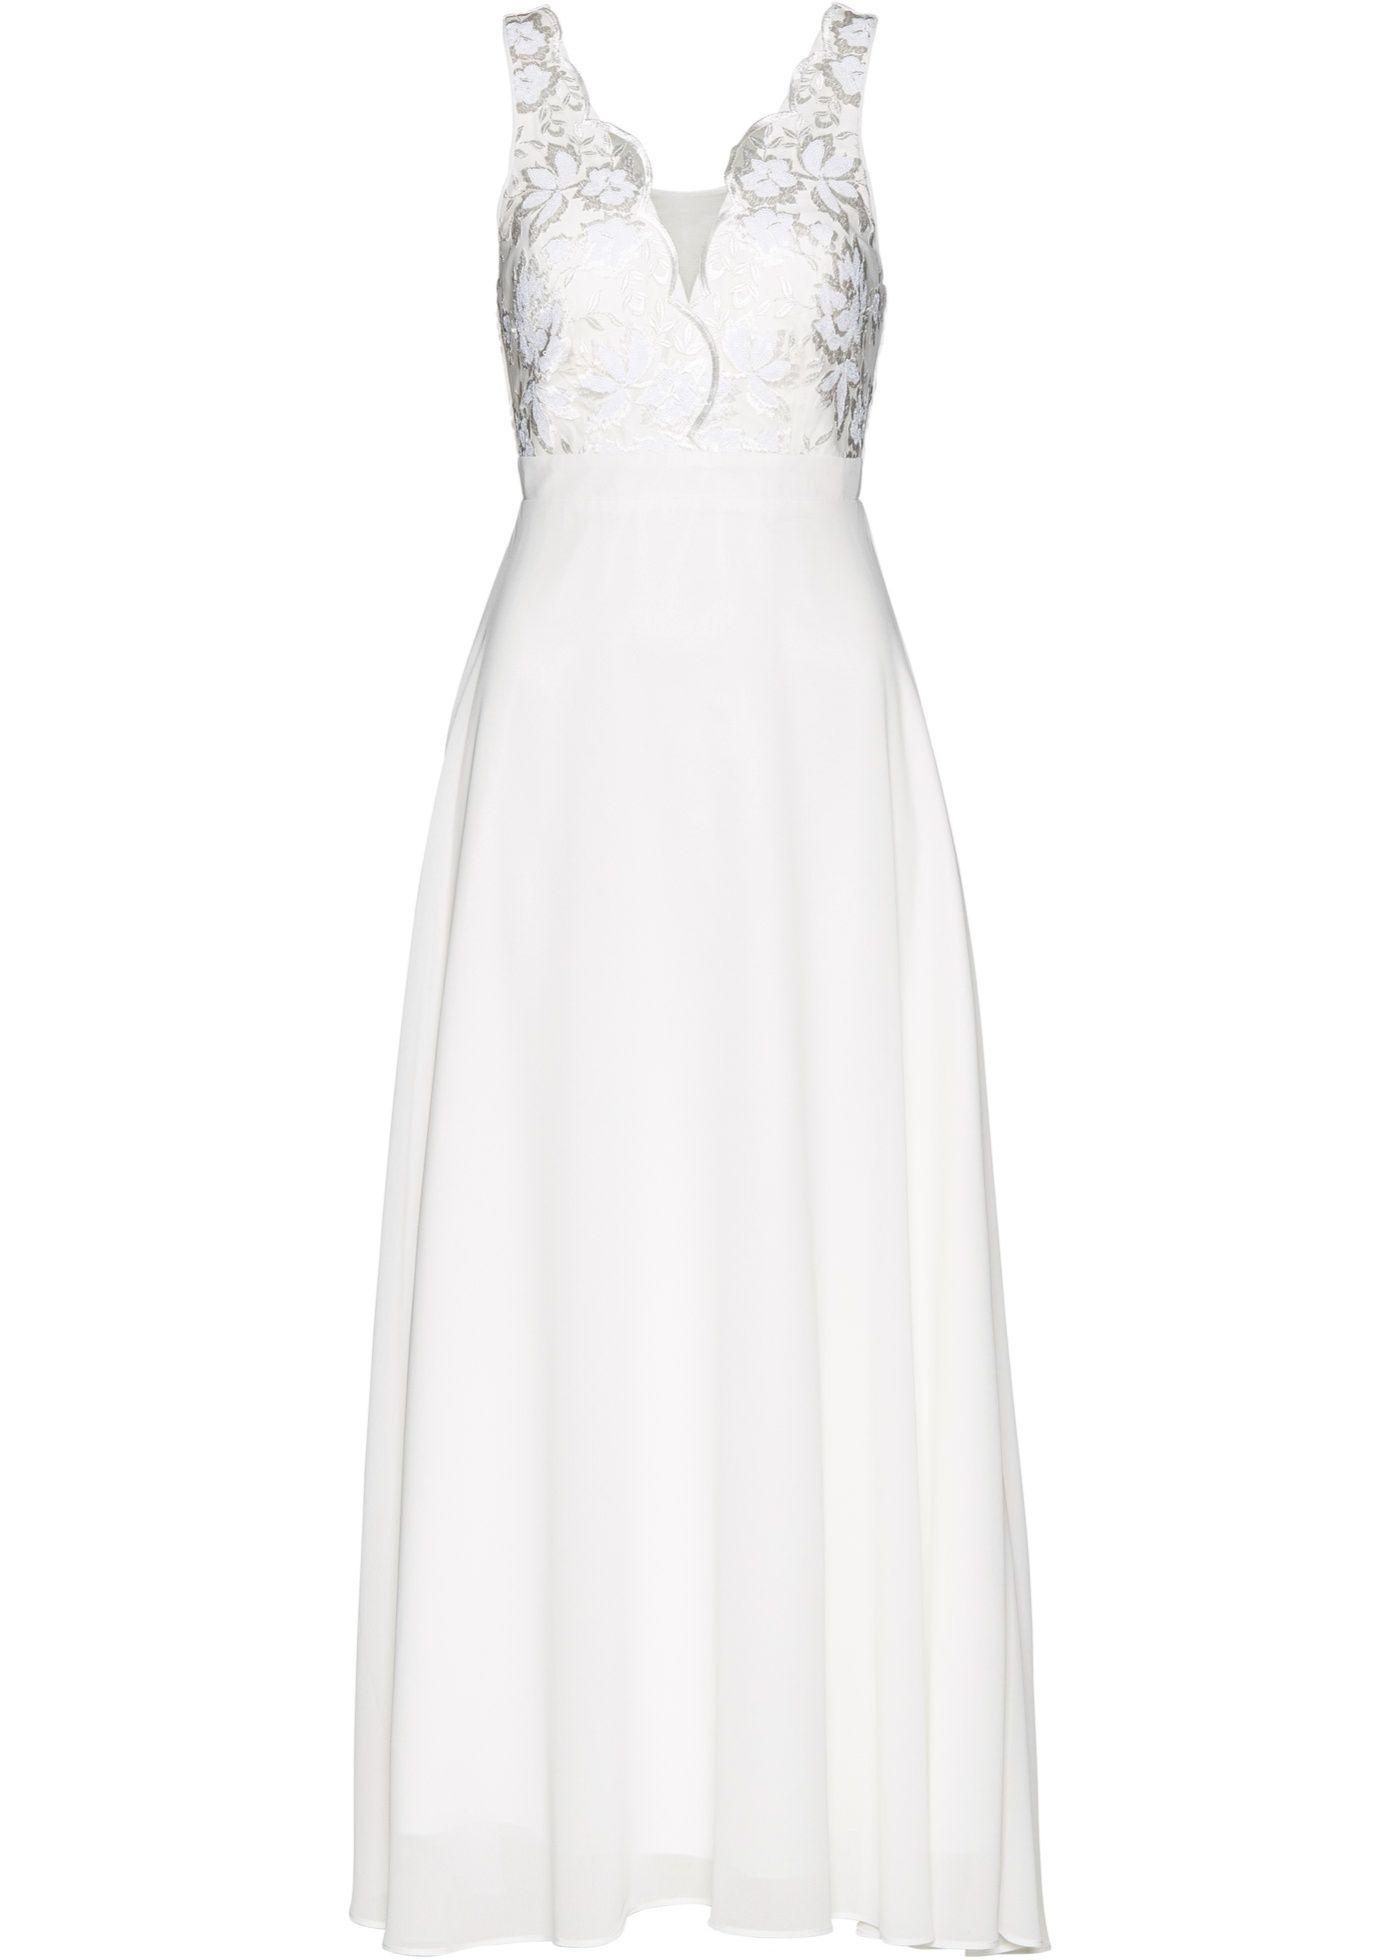 Premium Brautkleid  Kleid hochzeit, Brautkleid und Braut